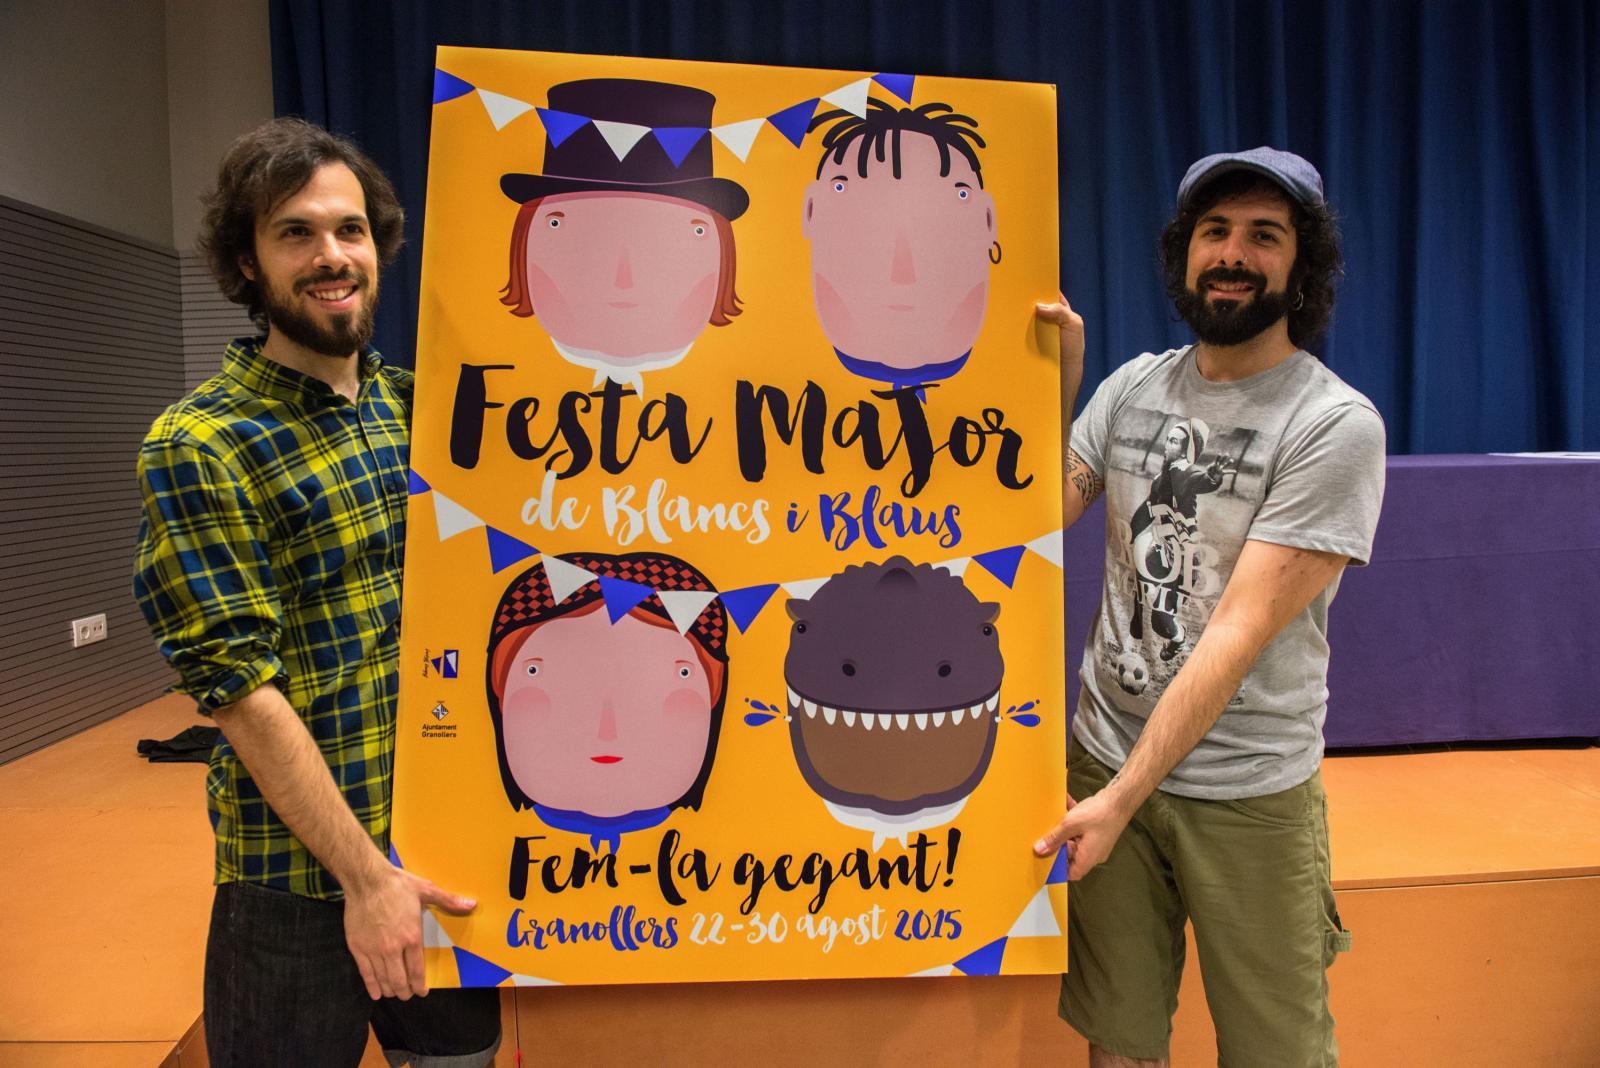 Jordi i Ramon Daví mostren la seva obra. Fotografia: Toni Torrillas.